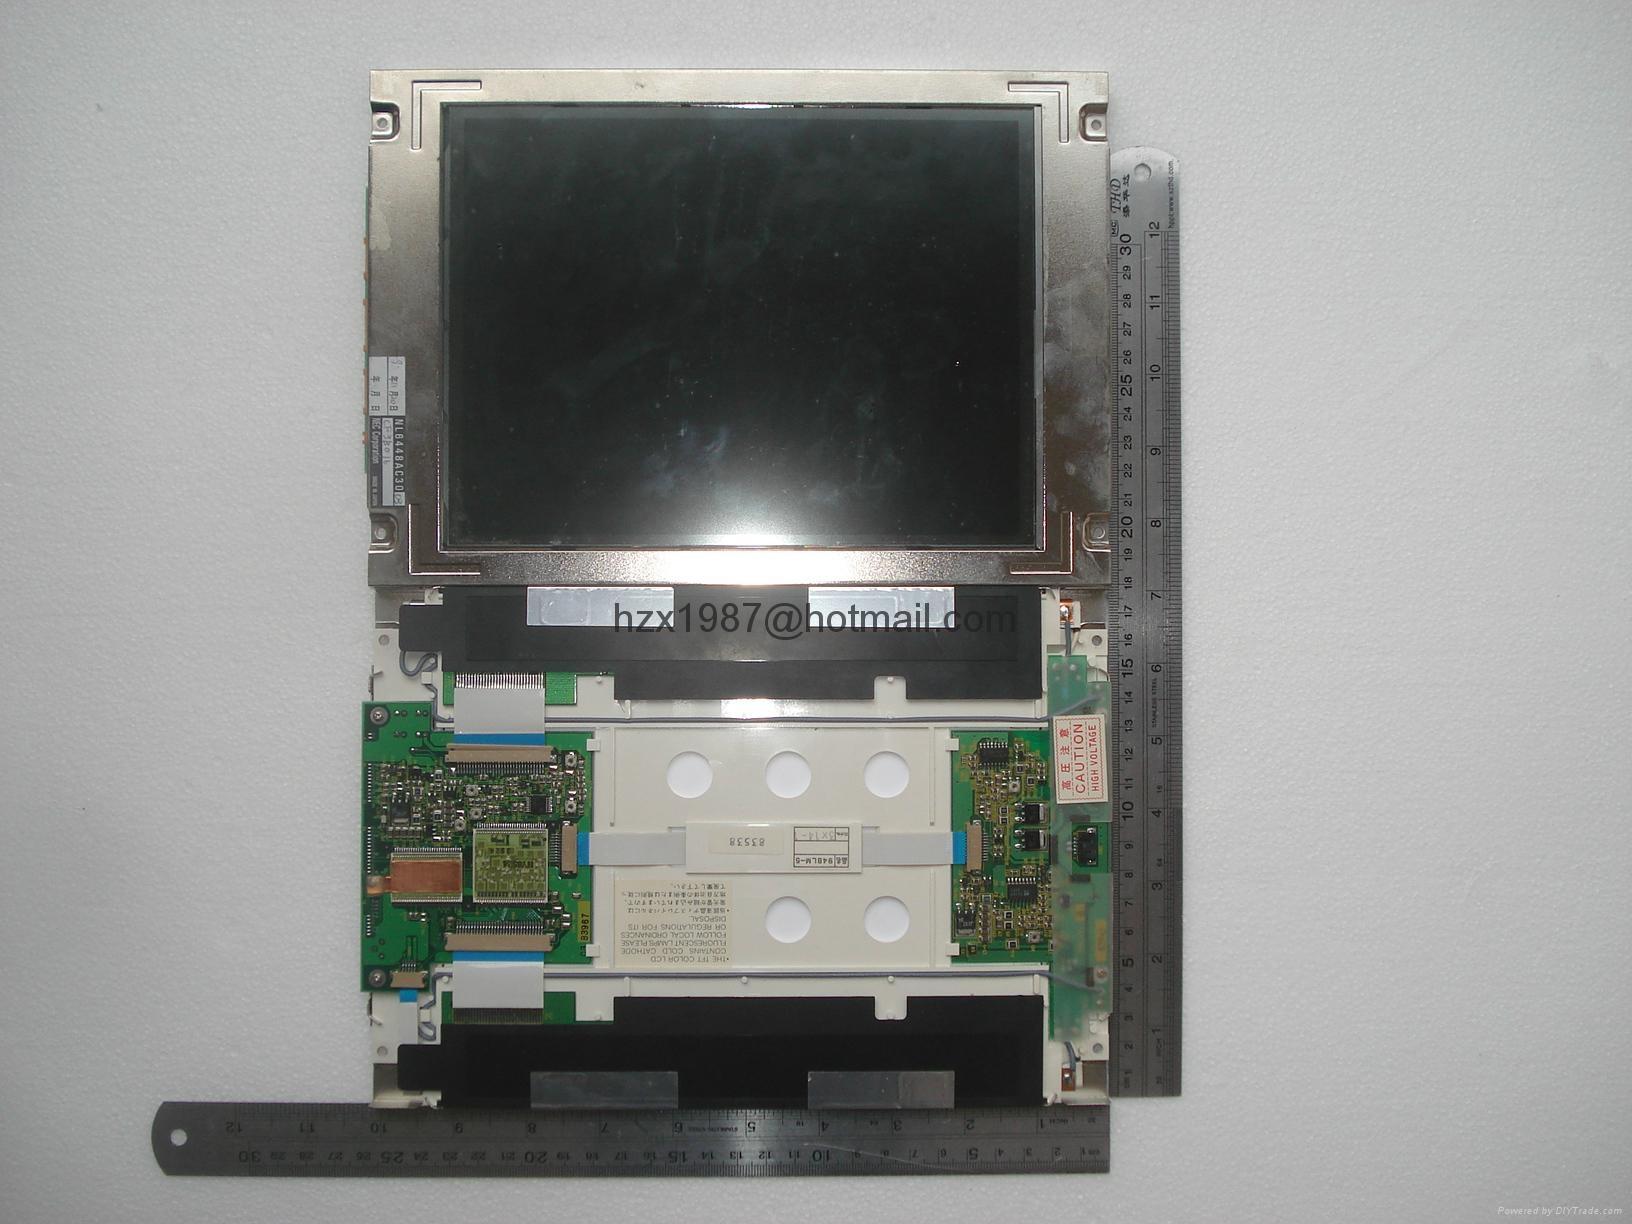 住友注塑机TS5671N30 ,TS5671N20 ,解码器 M=3 ,M=2 ,JA765311BD温度板 3